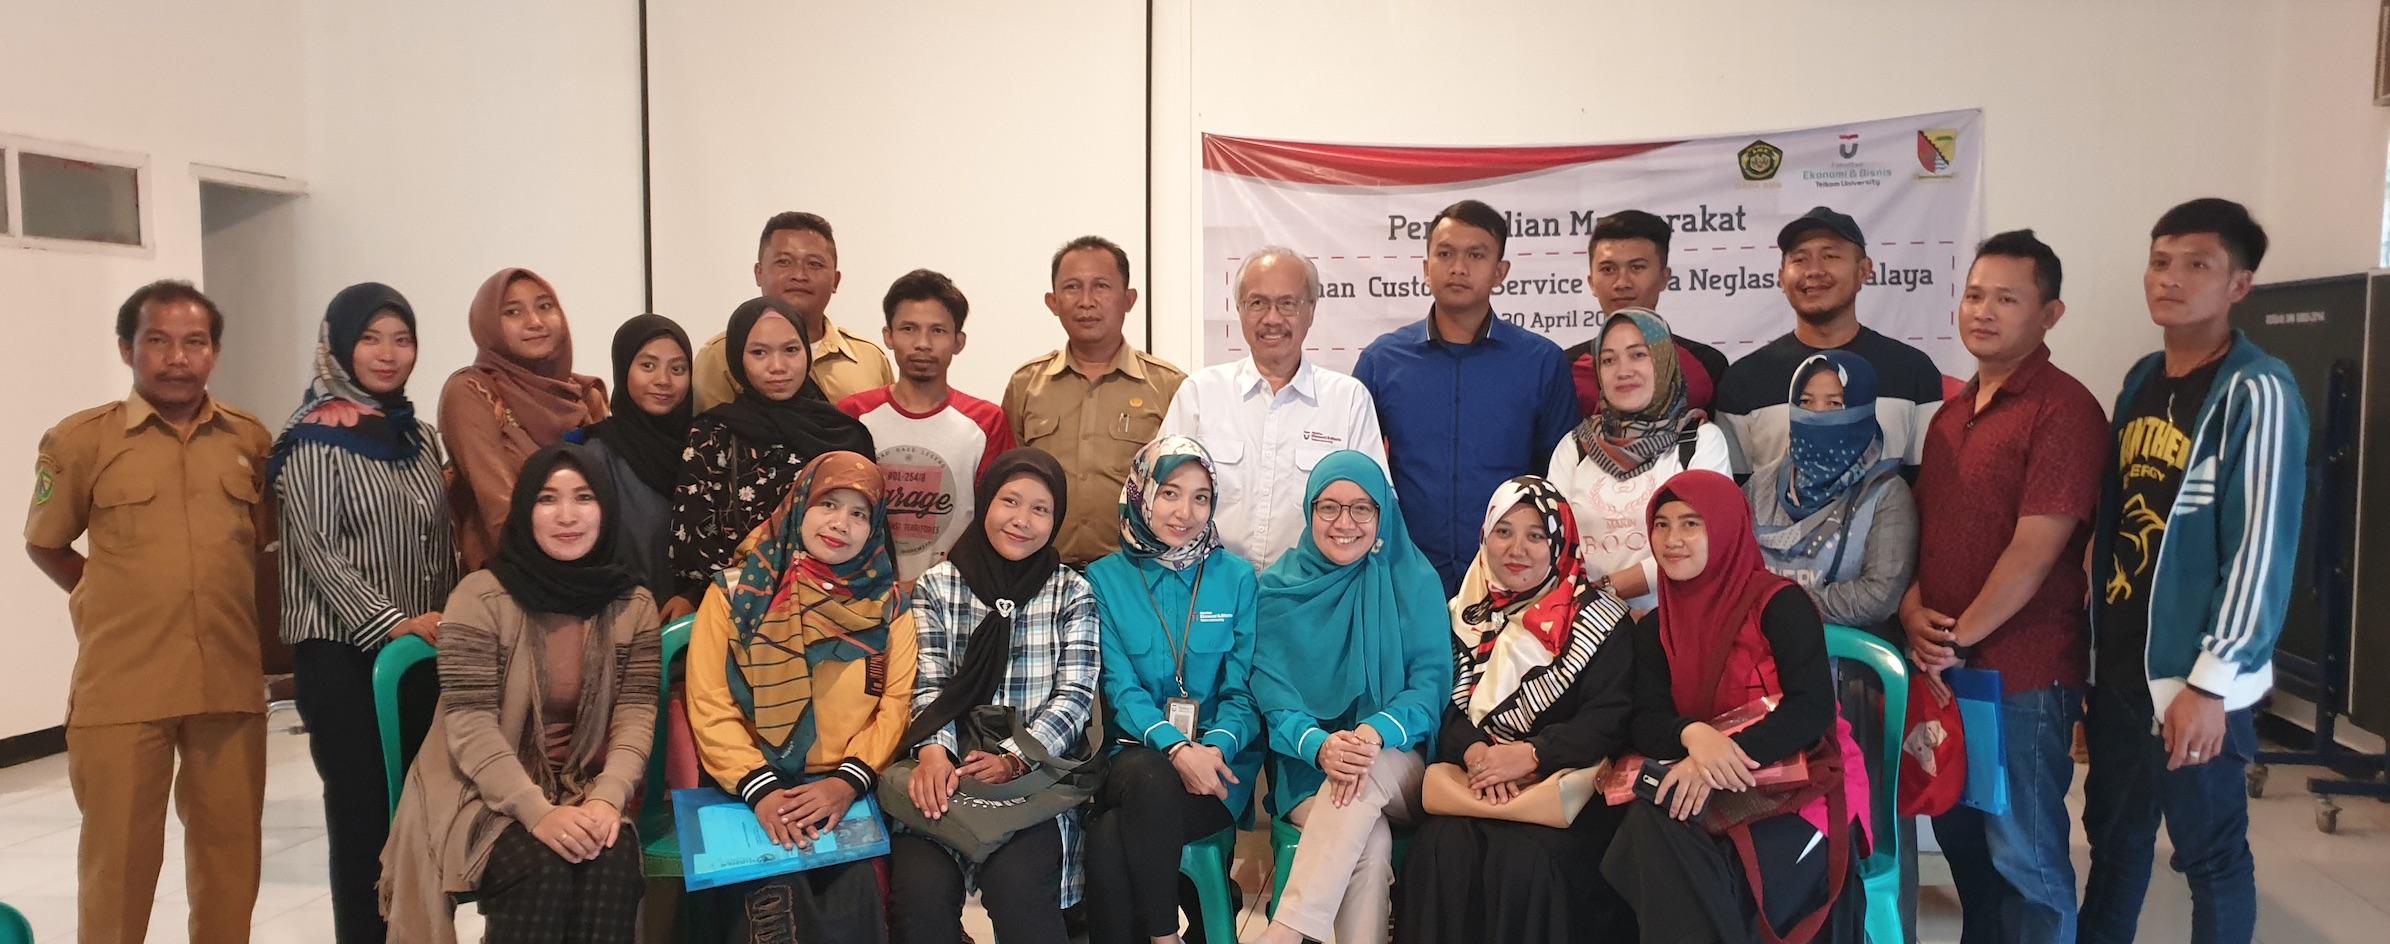 Pelatihan Pelayanan Konsumen bagi UMKM di Desa Neglasari Majalaya